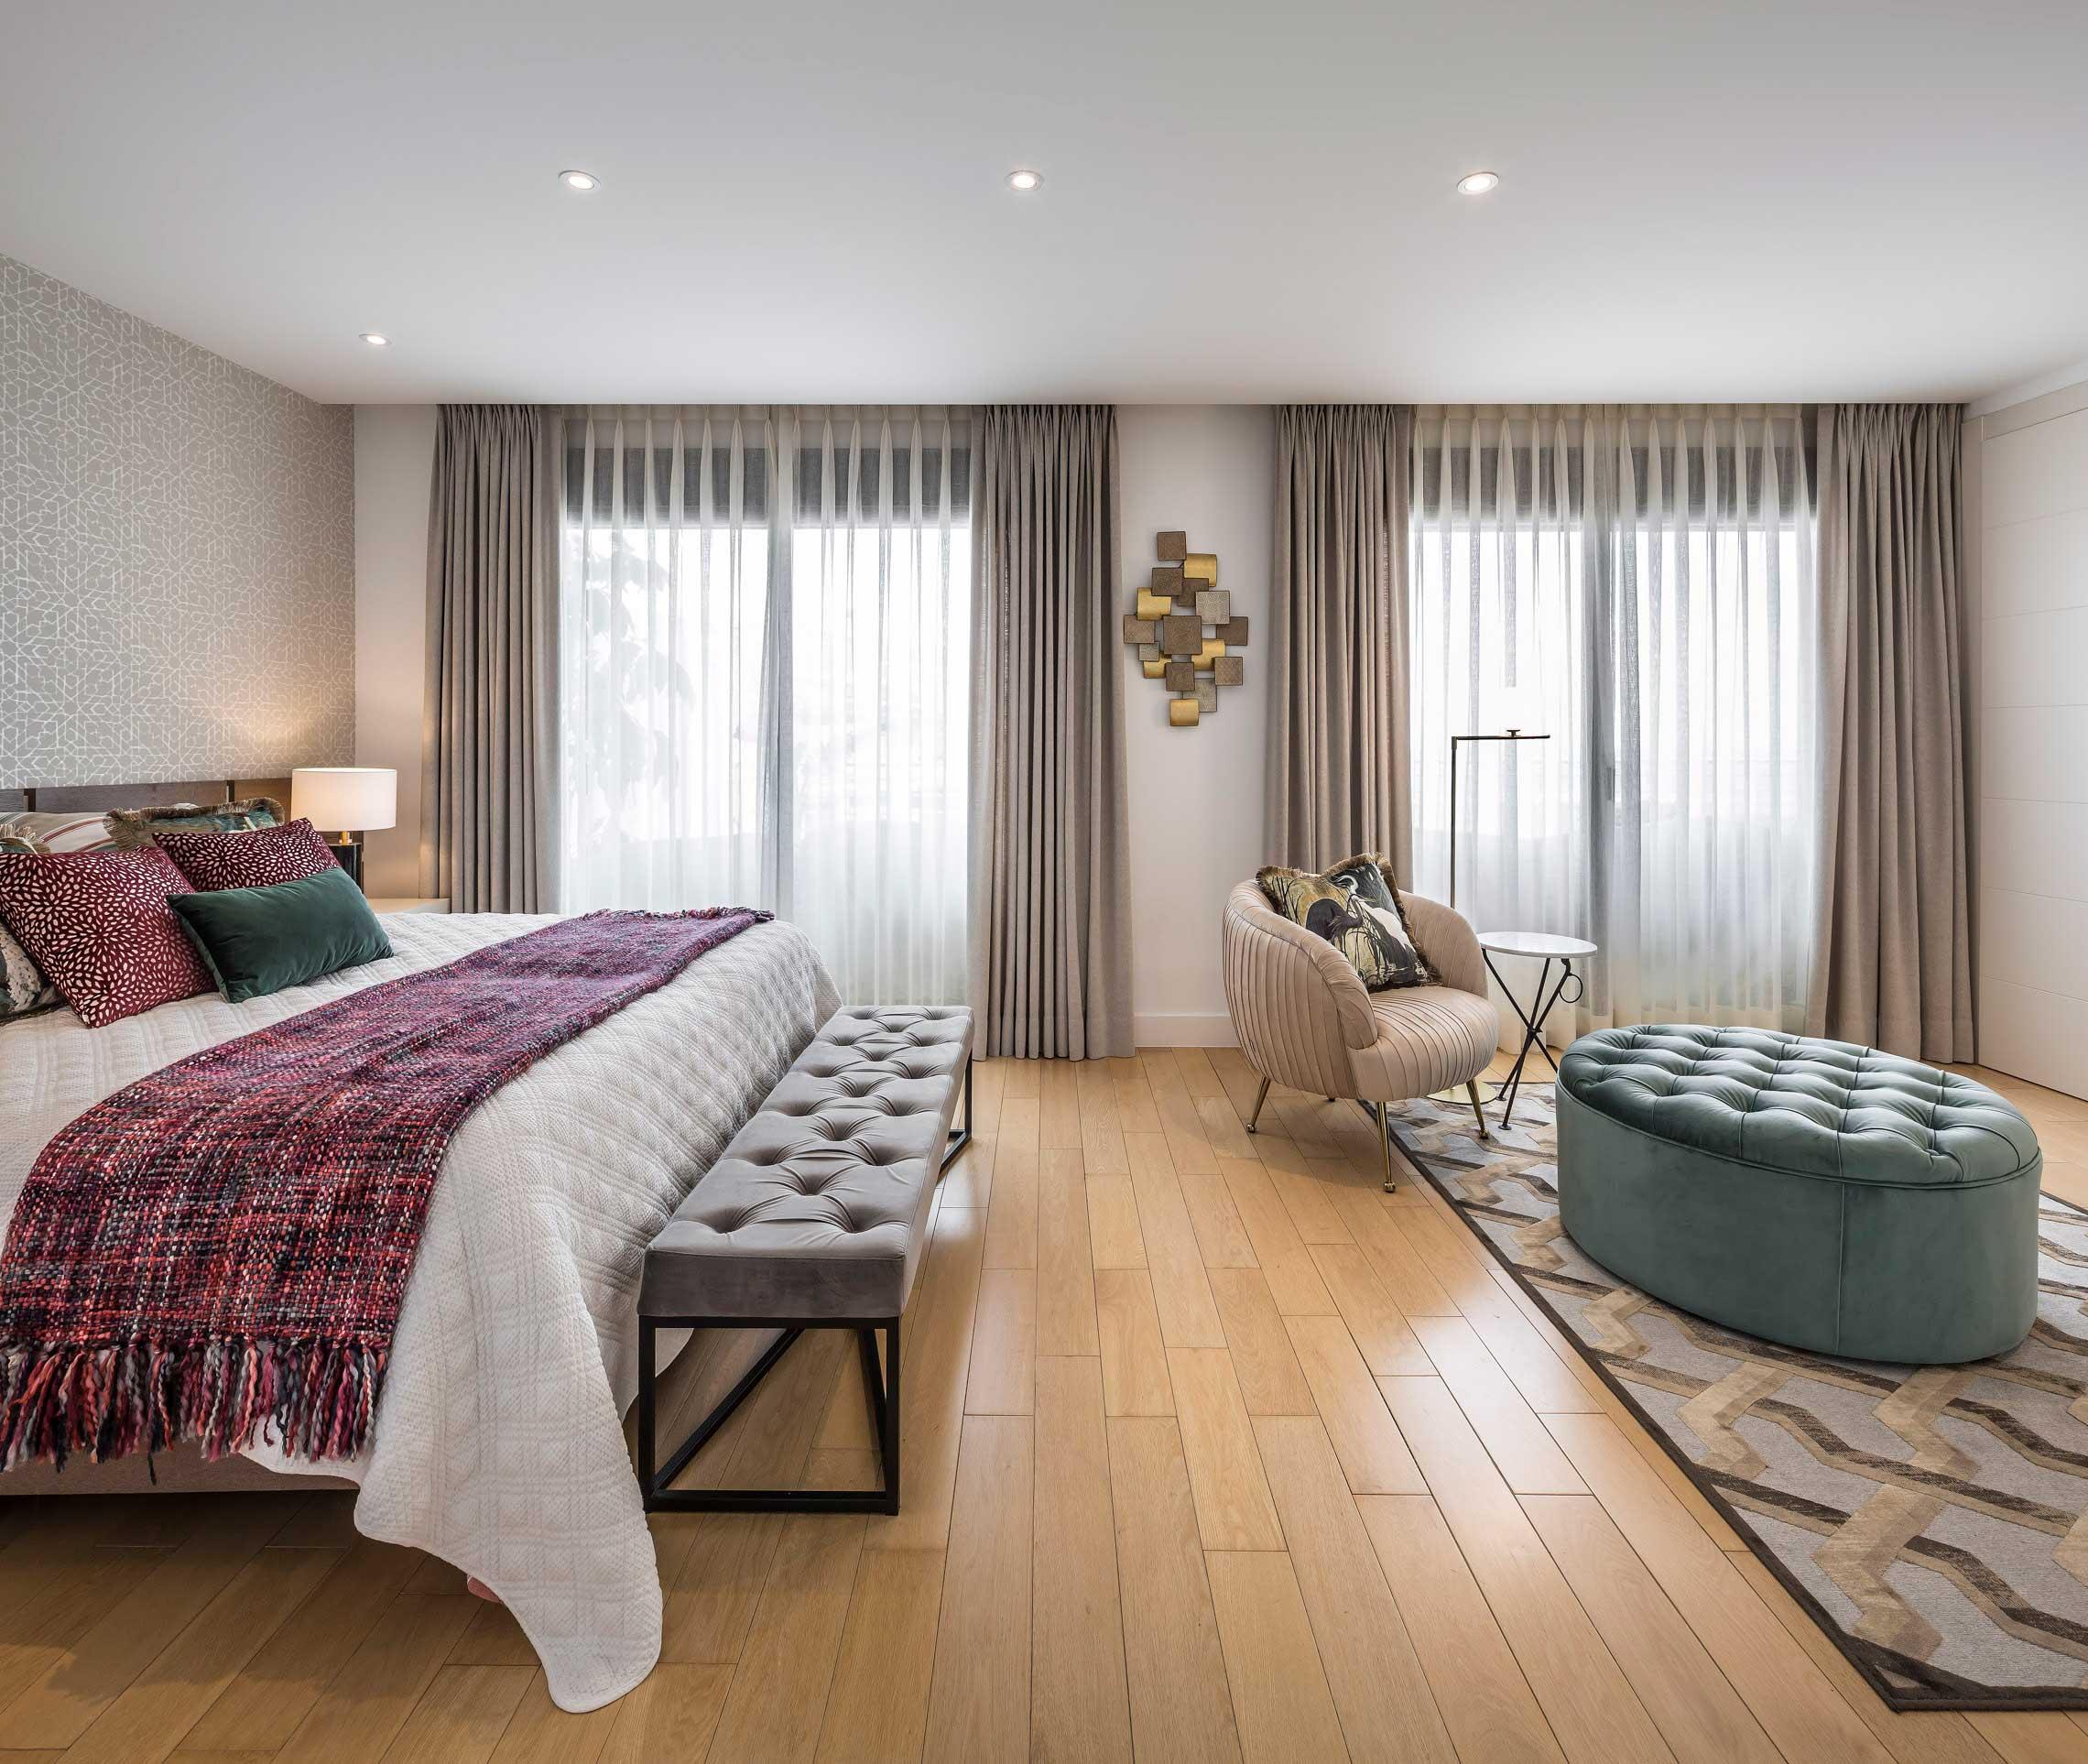 Senabre Mediterranean interior design